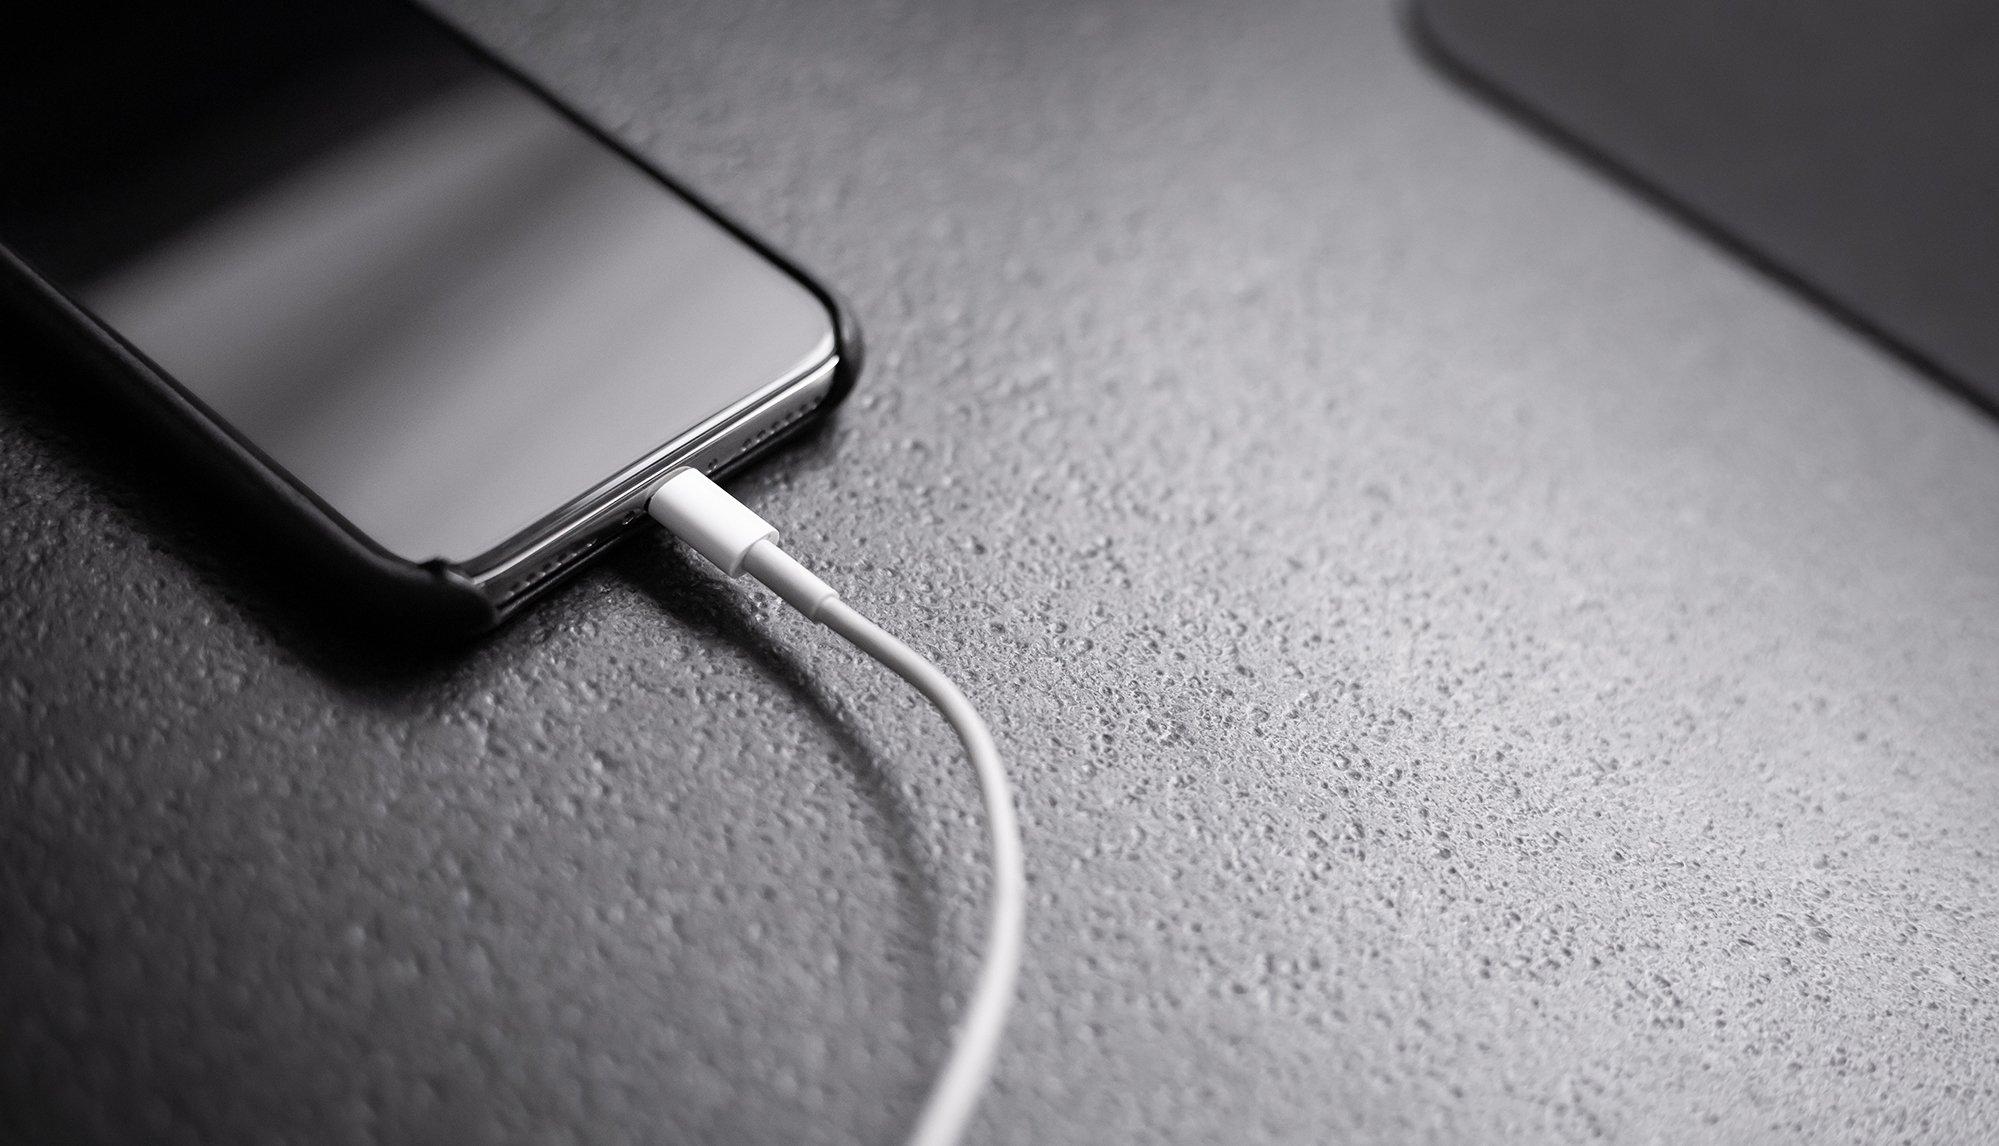 Ein iPhone wird mit Lighning-Kabel geladen. Akku ist leer.